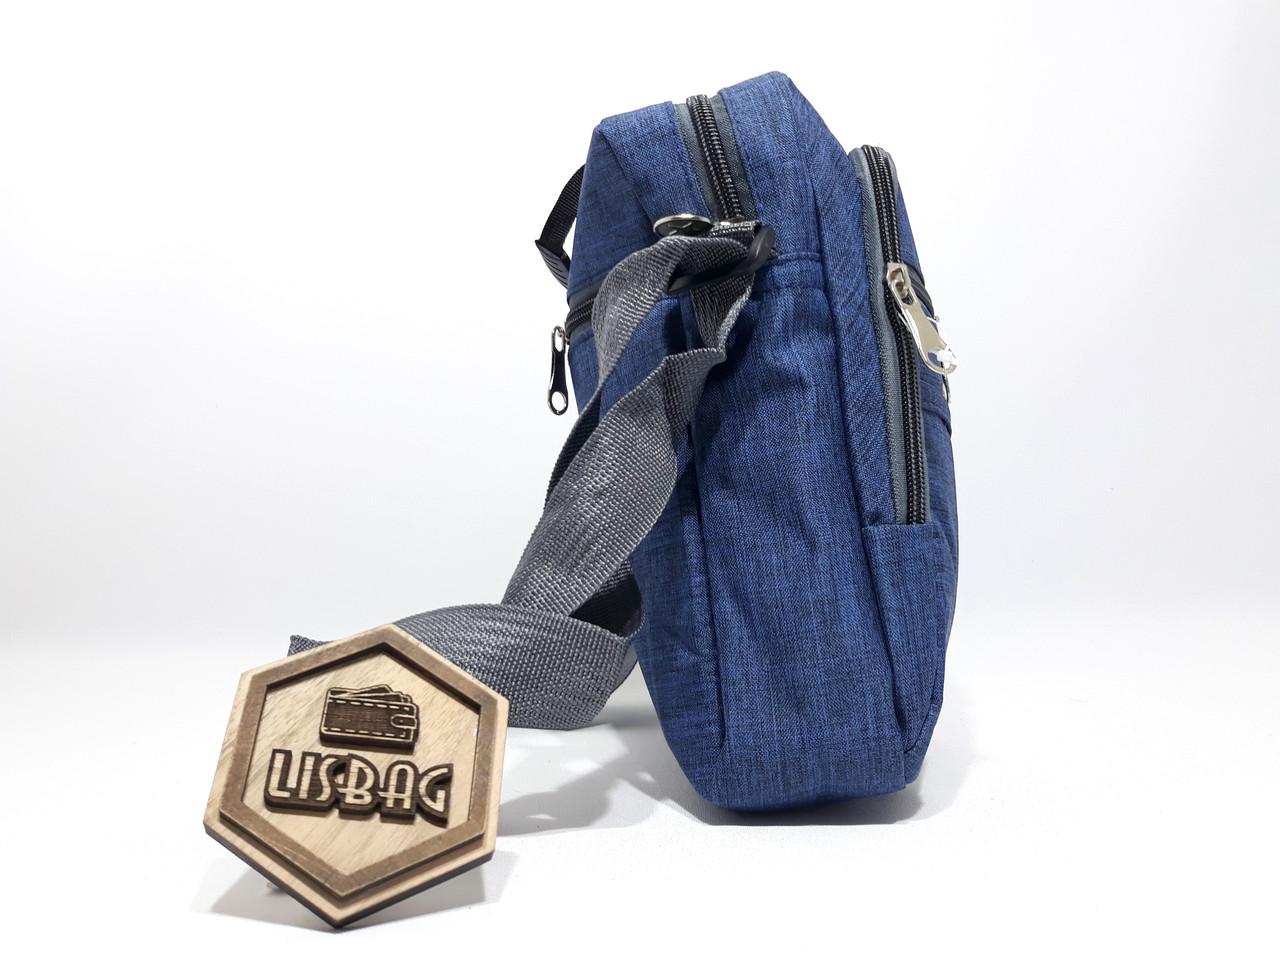 e4e53502b0f7 Чоловіча Синя сумка планшетка / барсетка середнього розміру спортивного  стилю, ...